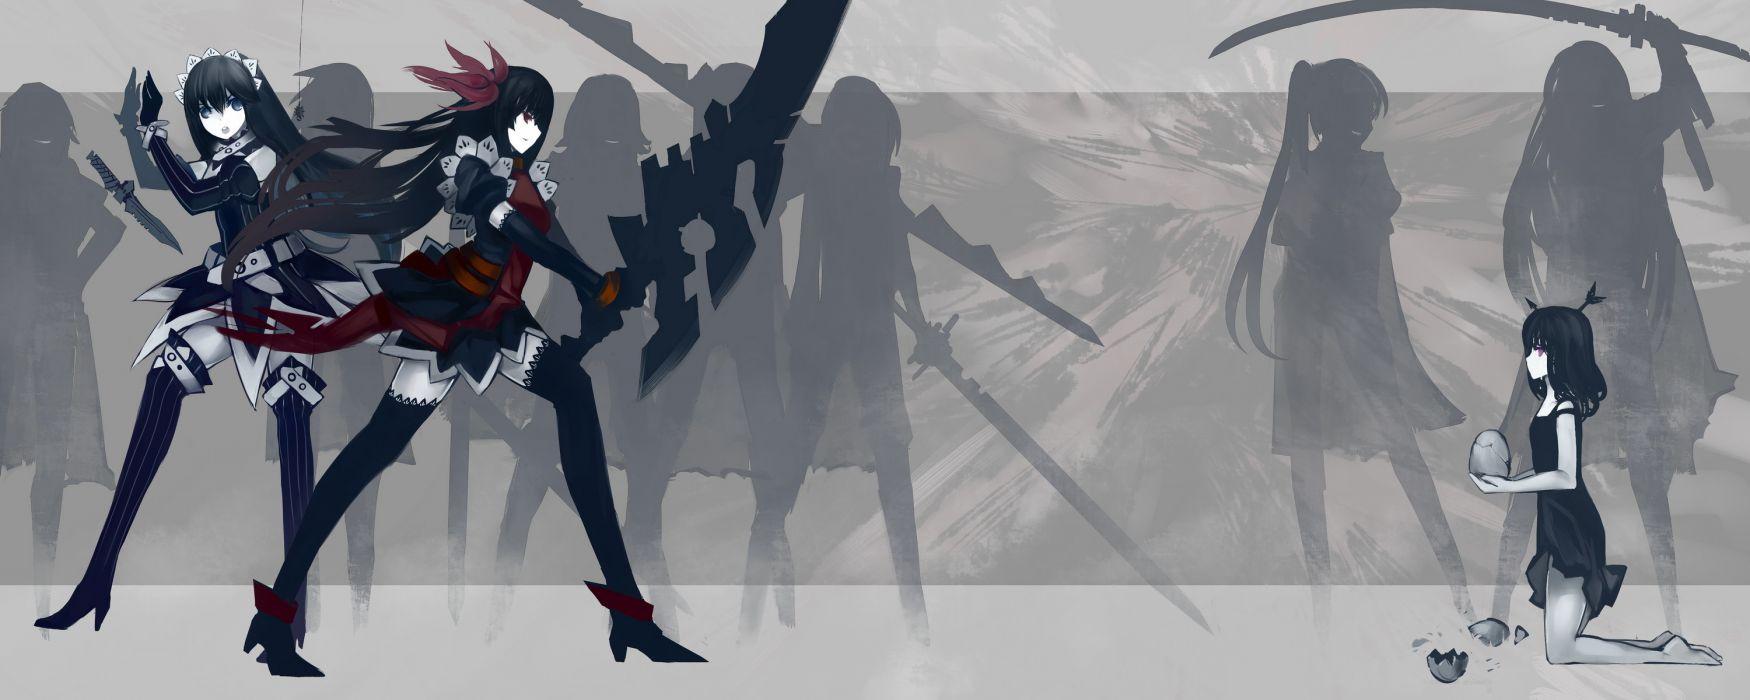 girls black hair blue eyes boots katana kiwamu knife original ponytail purple eyes red eyes sword thighhighs weapon wallpaper